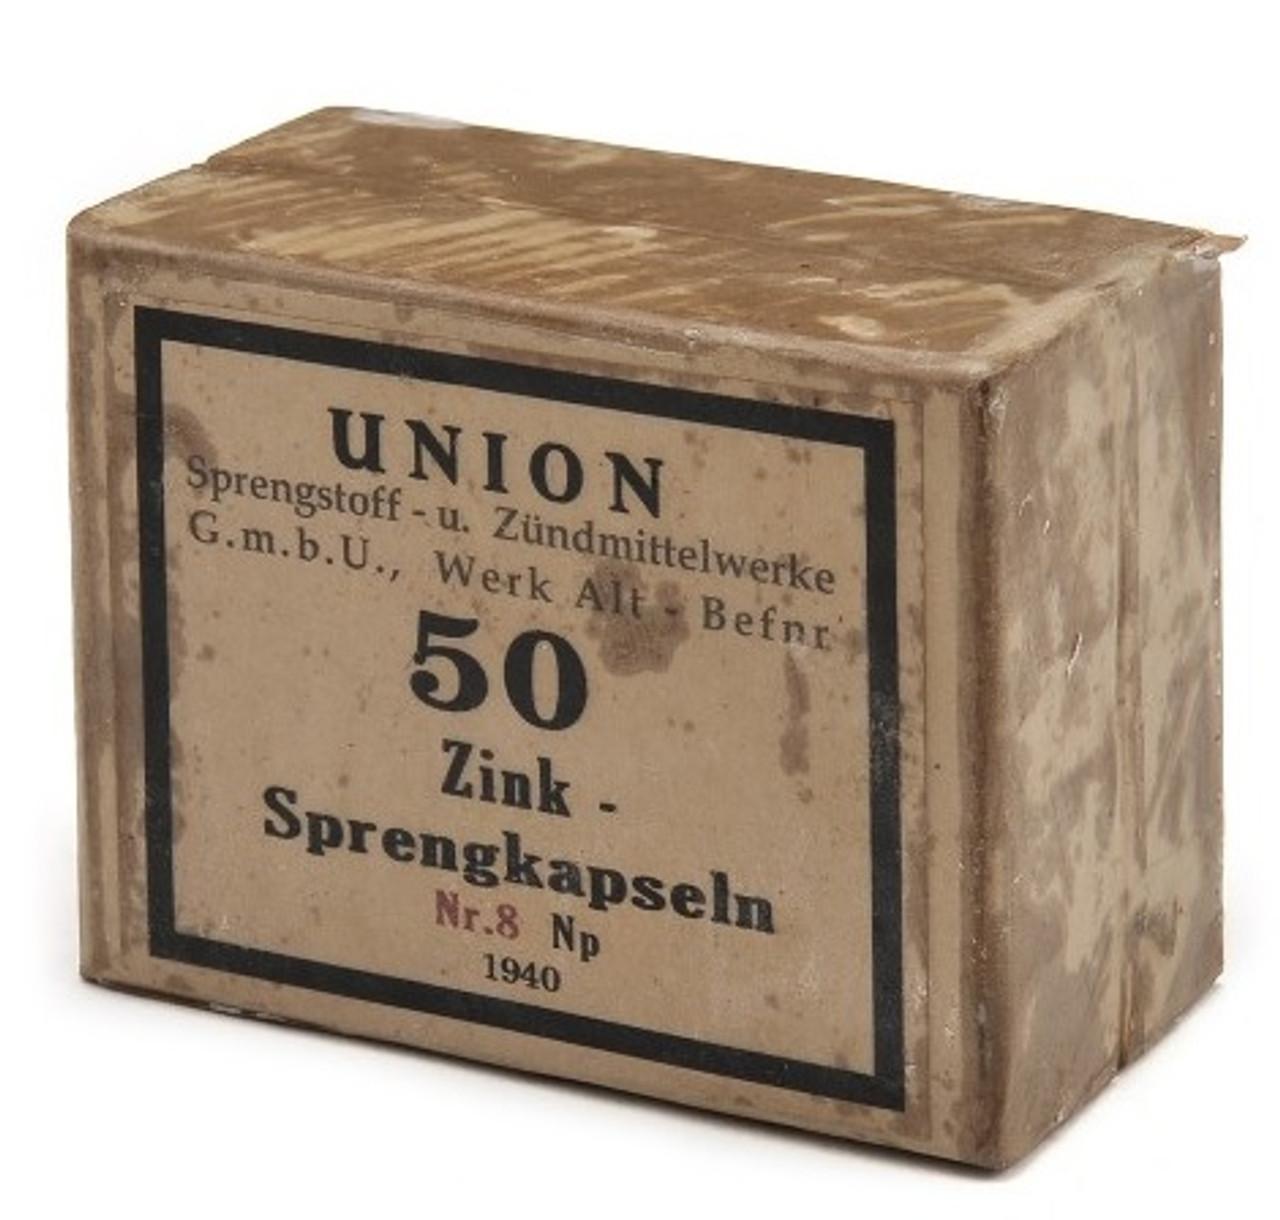 GERMAN WW2 DETONATORS - 50 Ct Sprengkapseln Nr.8 SIMULATED BOX